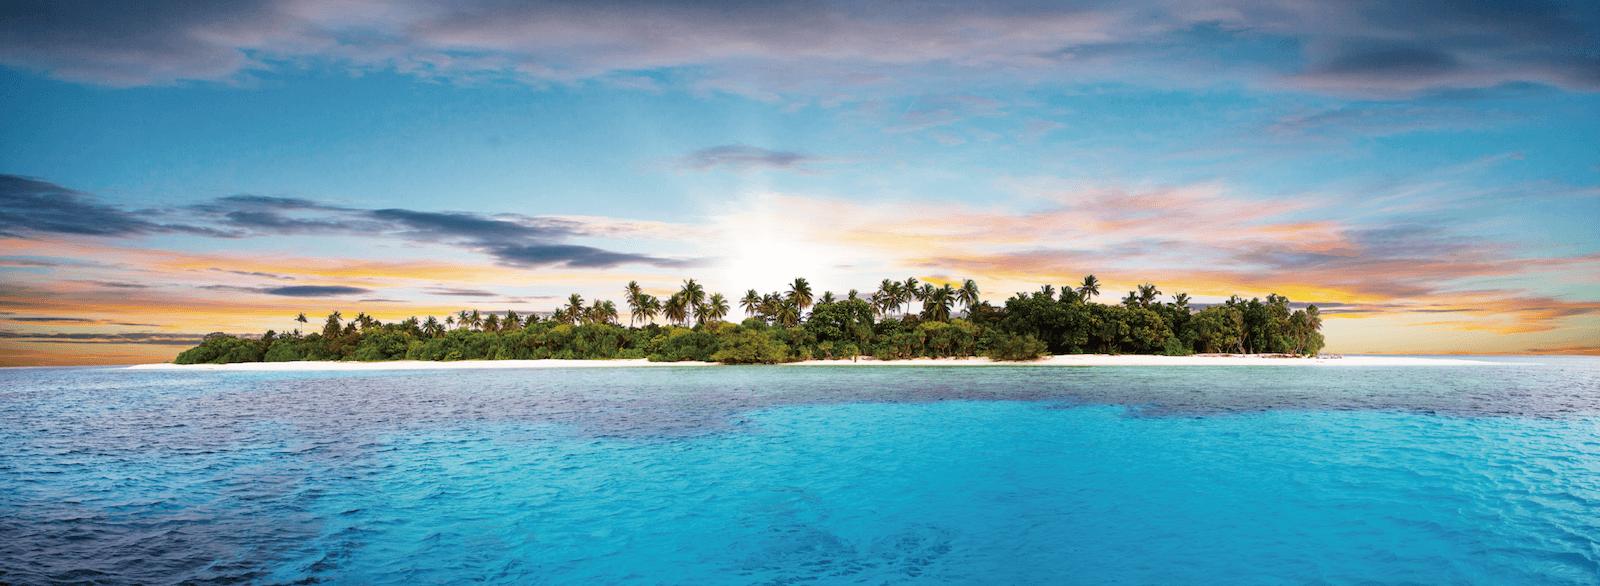 島のイメージ